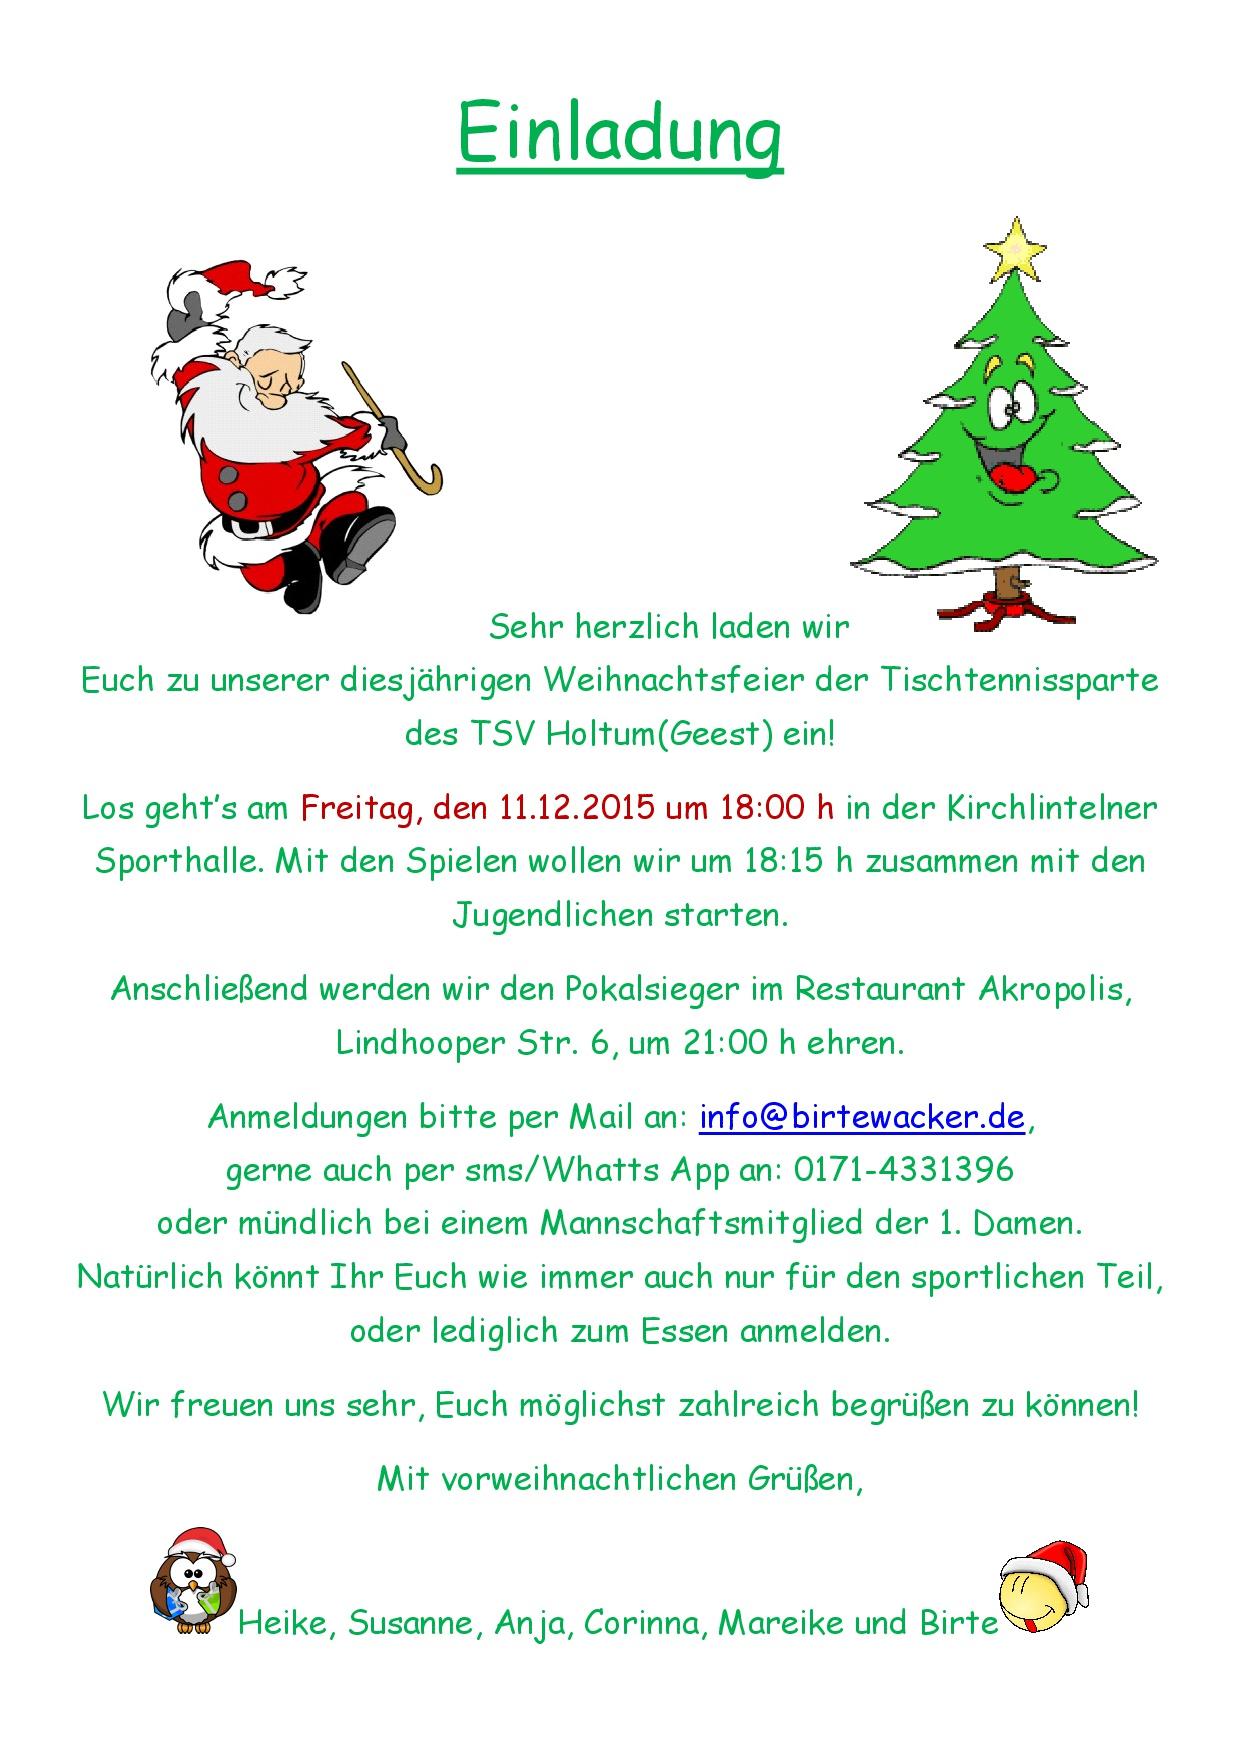 Einladung Zur Weihnachtsfeier.Einladung Weihnachtsfeier Tsv Holtum Geest Tischtennis